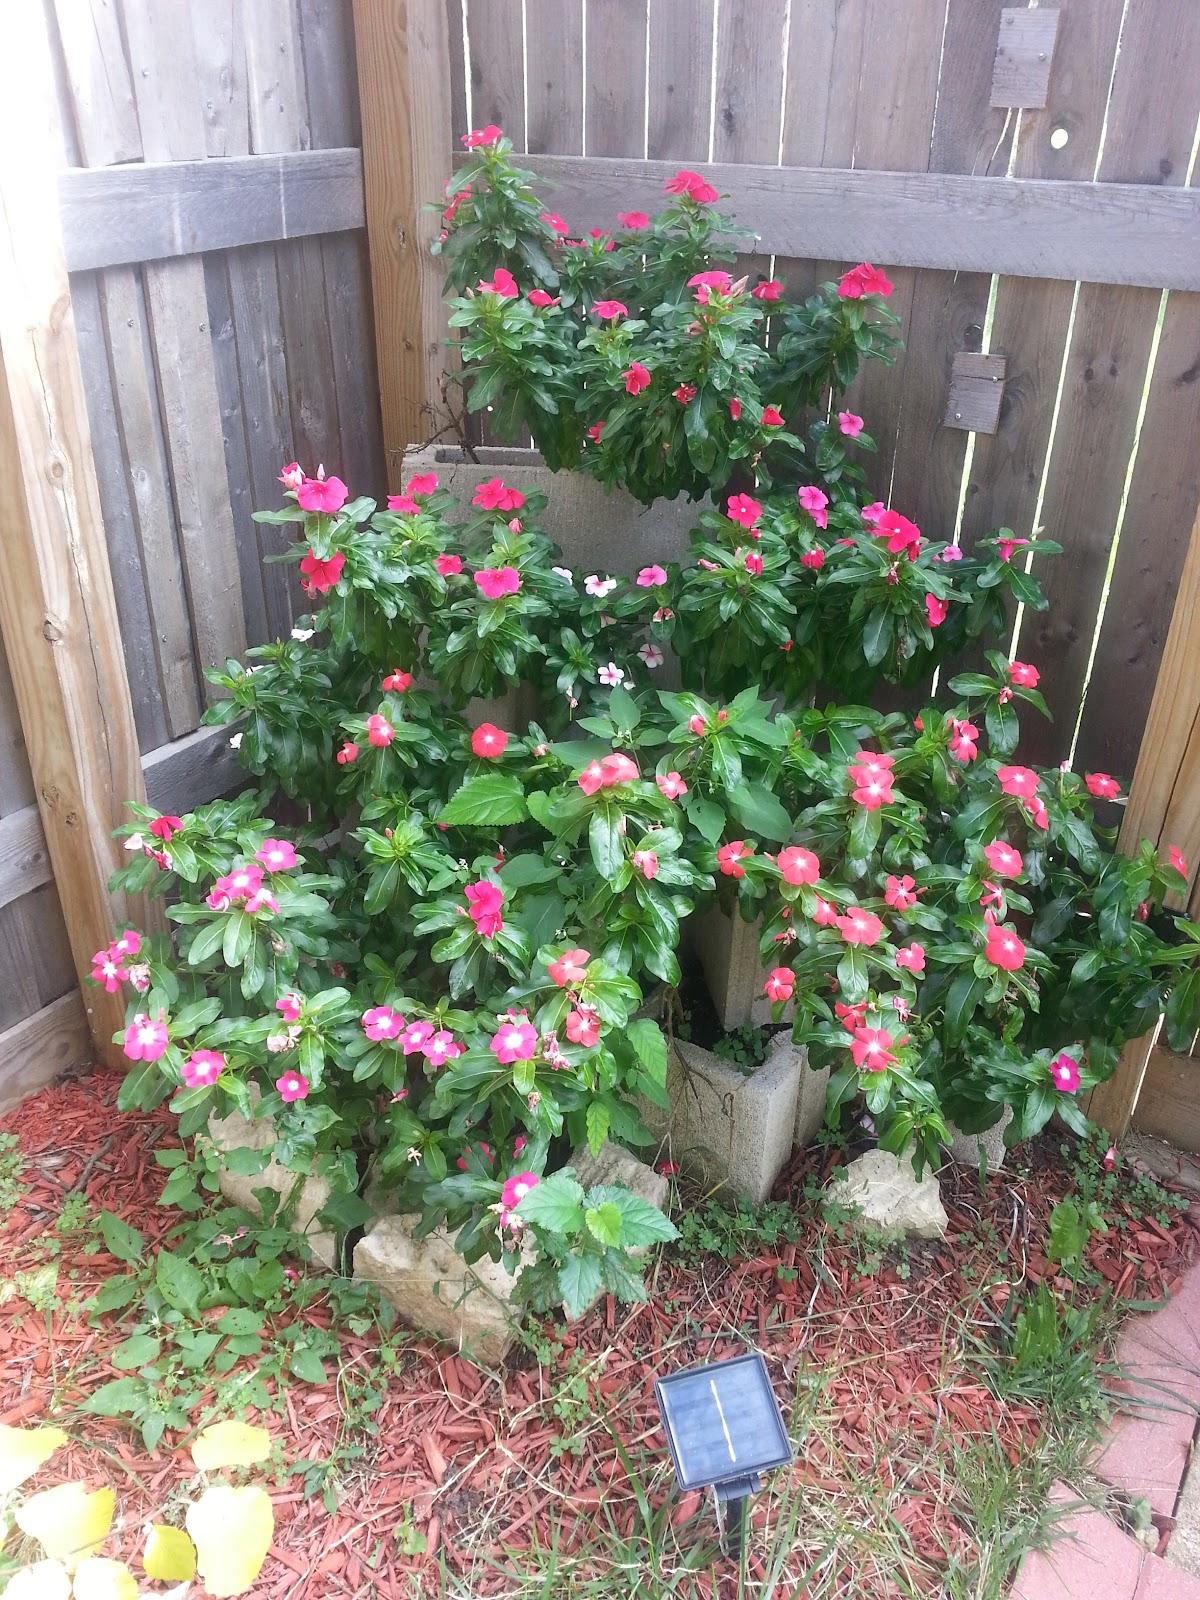 cinderblock garden picture